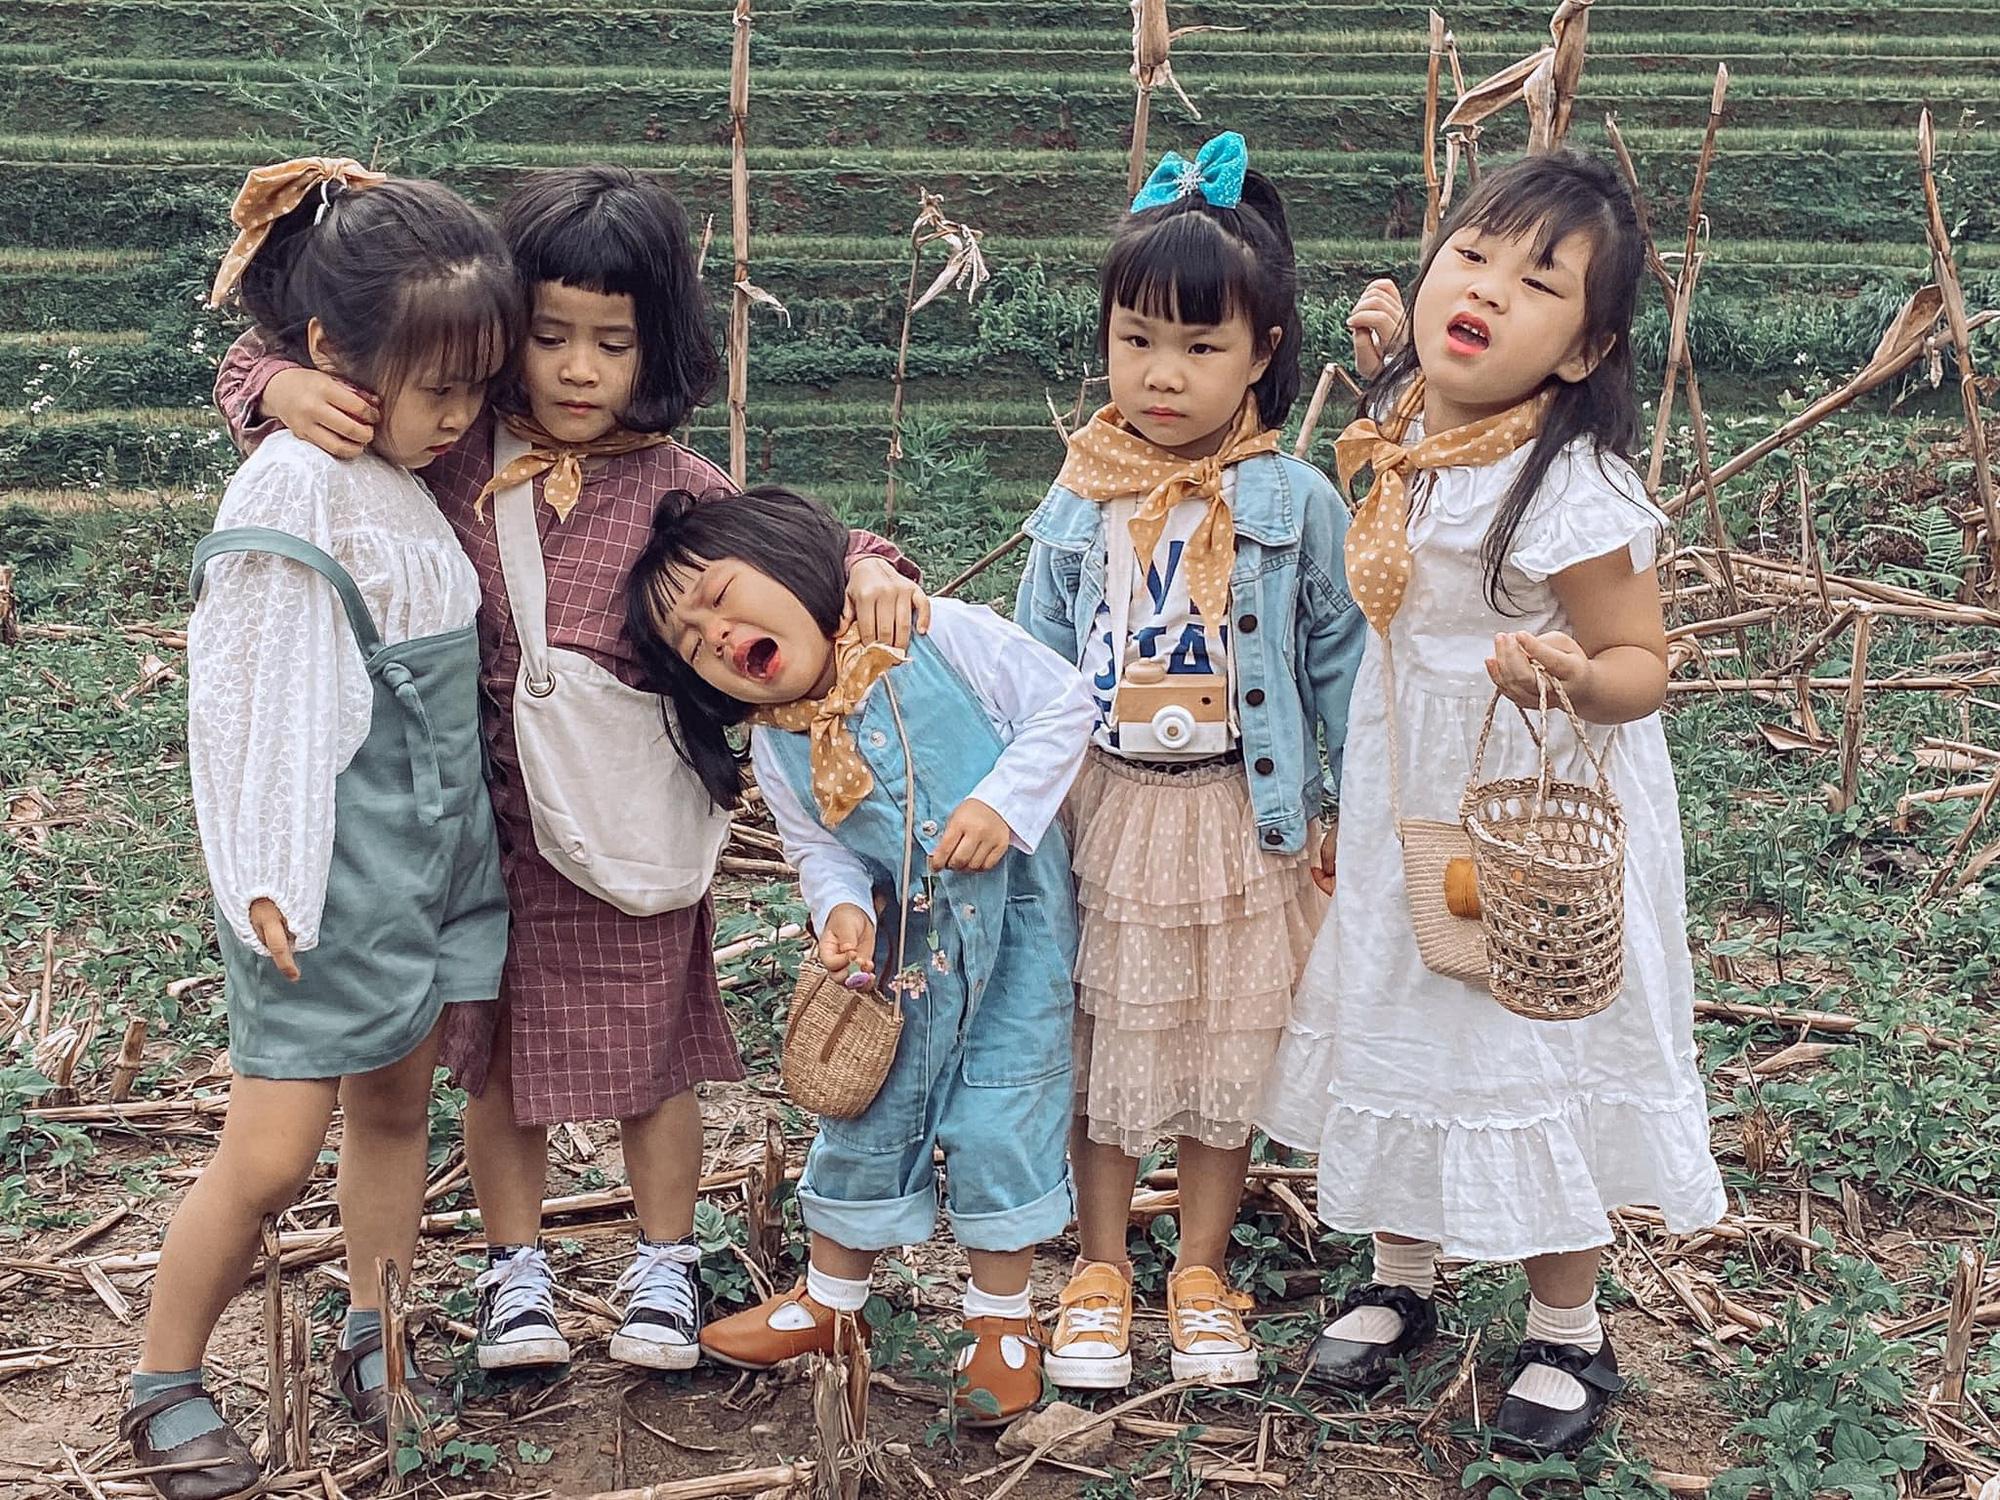 5 bà mẹ chơi thân đưa 5 công chúa nhí đi du lịch mà không cần trợ giúp của các bố, loạt ảnh đáng yêu của các bé khiến CĐM xuýt xoa - Ảnh 2.